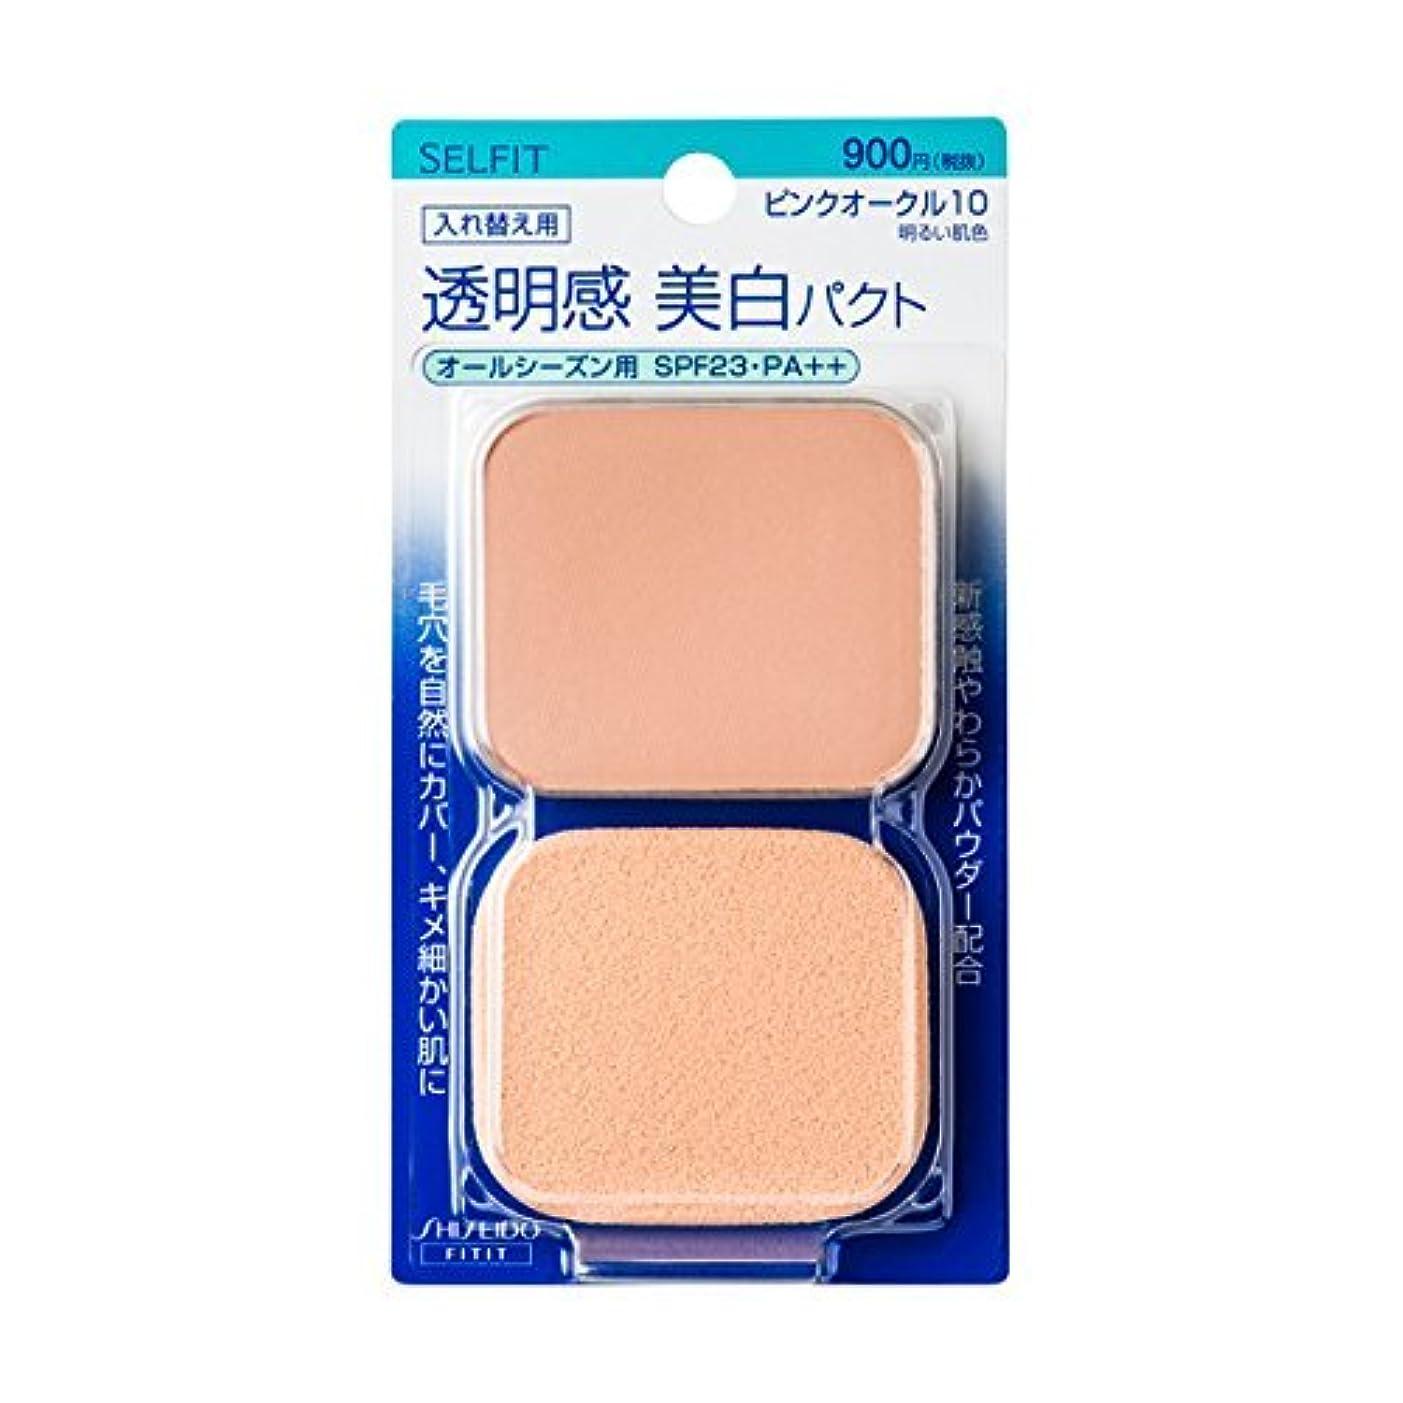 明快愛人テザーセルフィット ピュアホワイトファンデーション ピンクオークル10 (レフィル) 13g×6個